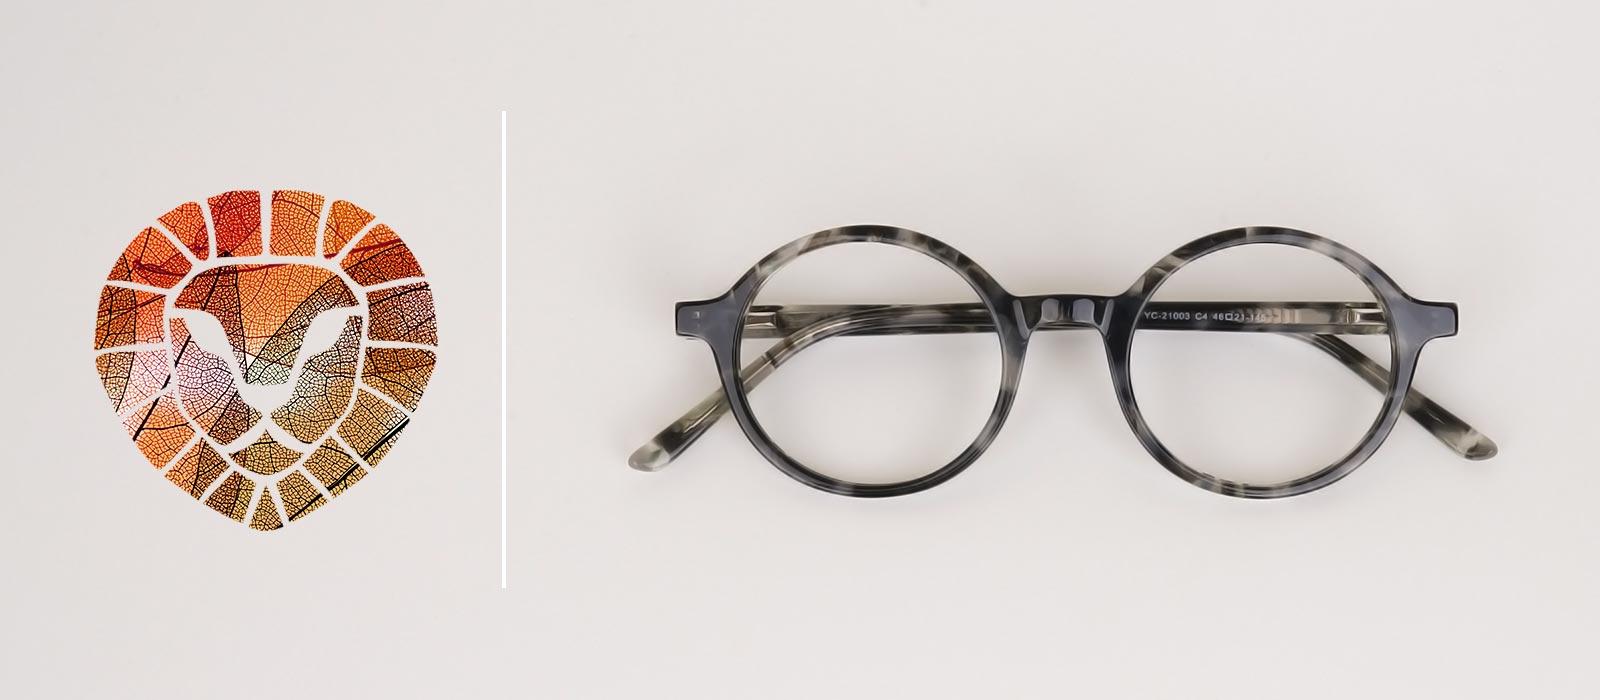 eyewear trends 2019 with leo zodiac sign